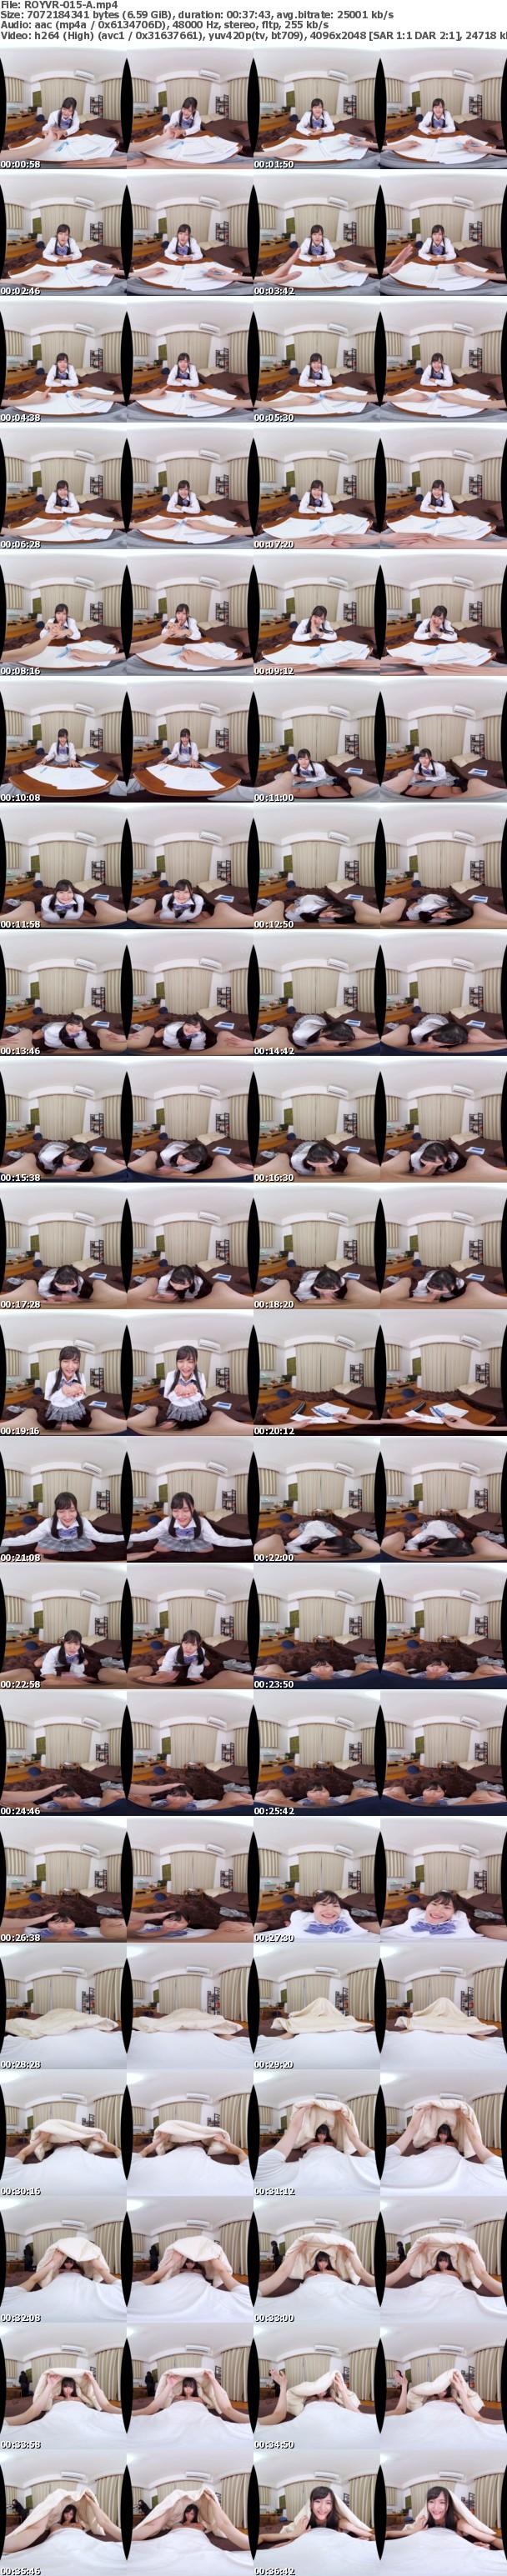 (VR) ROYVR-015 HQ超激的高画質 フェラ大好きドスケベ小悪魔女子!!小さい頃、超仲良しの幼馴染と久しぶりに再会したらフェラが大好きなドスケベ小悪魔女子になってビックリ!!…バキュームフェラされて何度もイッてしまったVR 当然最後までエッチもしちゃいます!! 加賀美まり